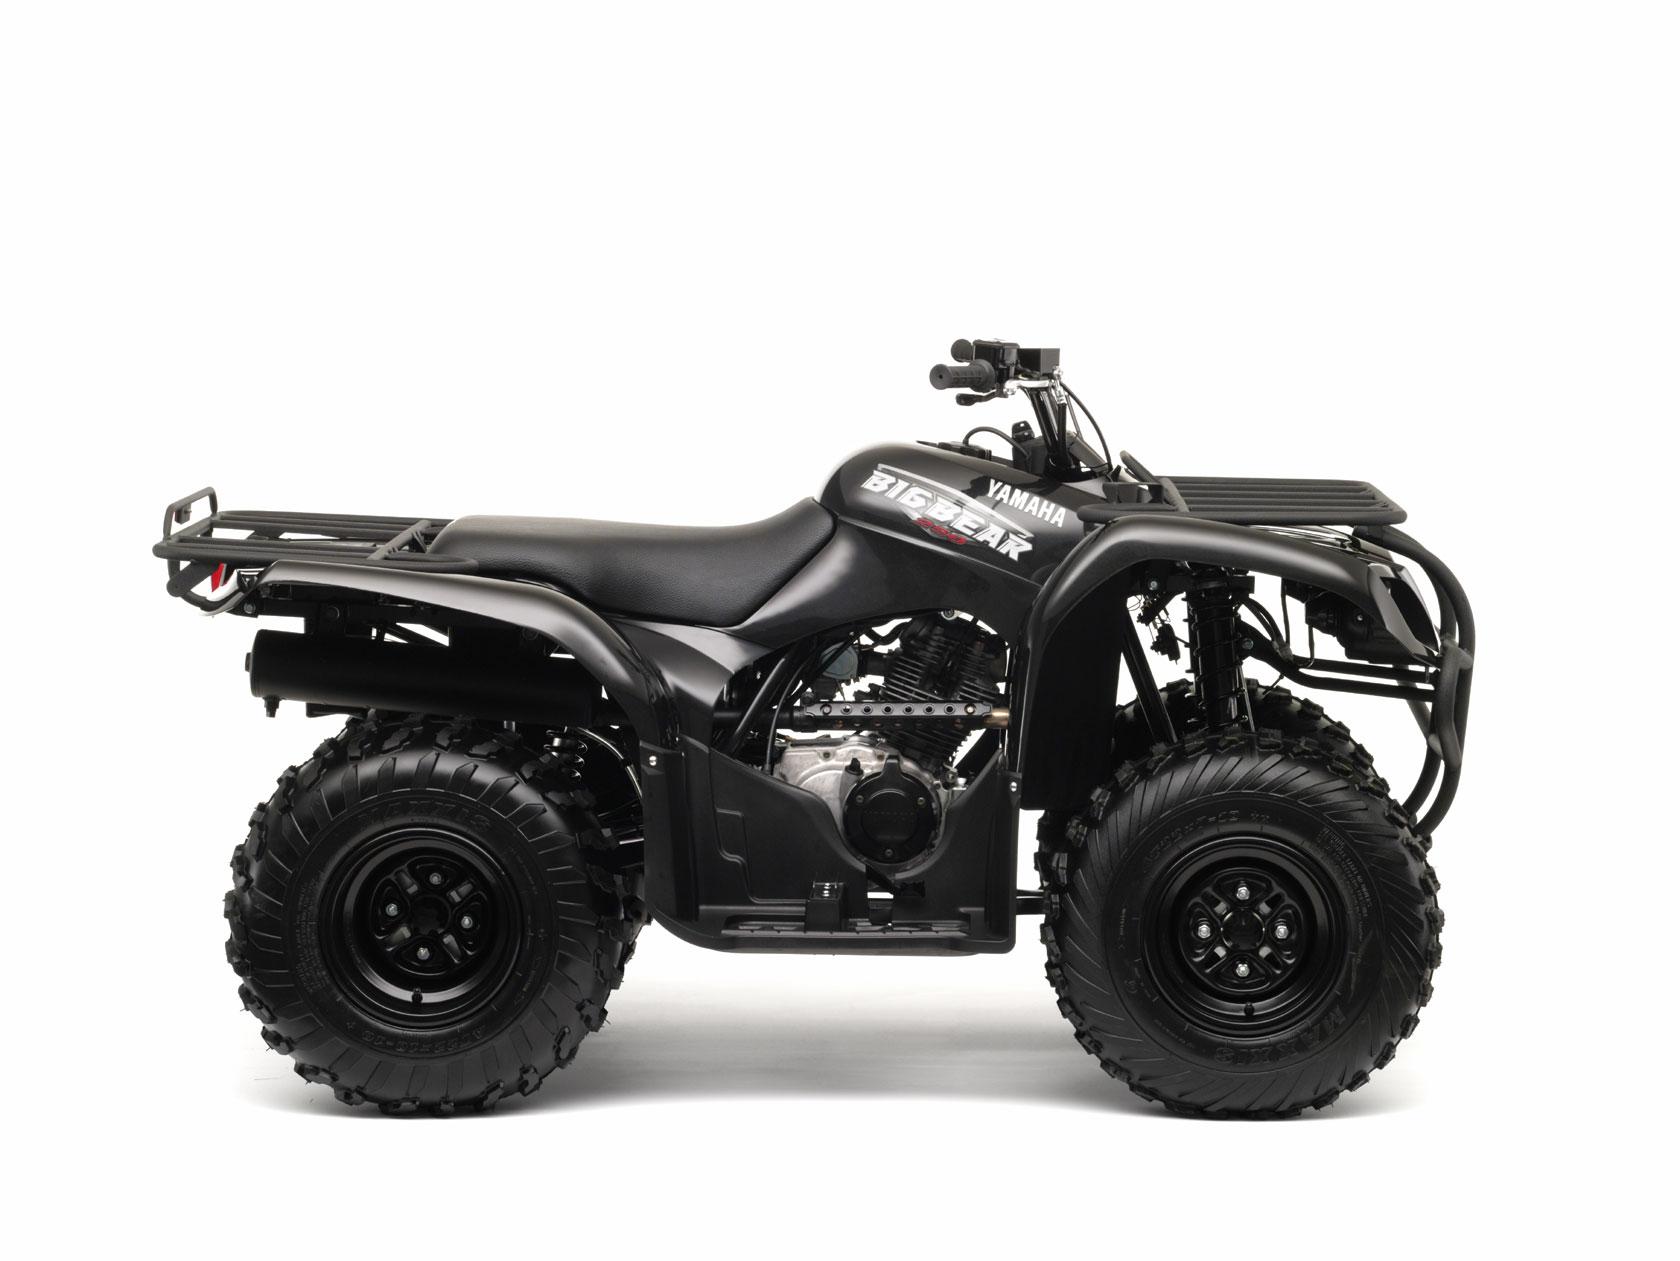 Yamaha Big Bear X Top Speed